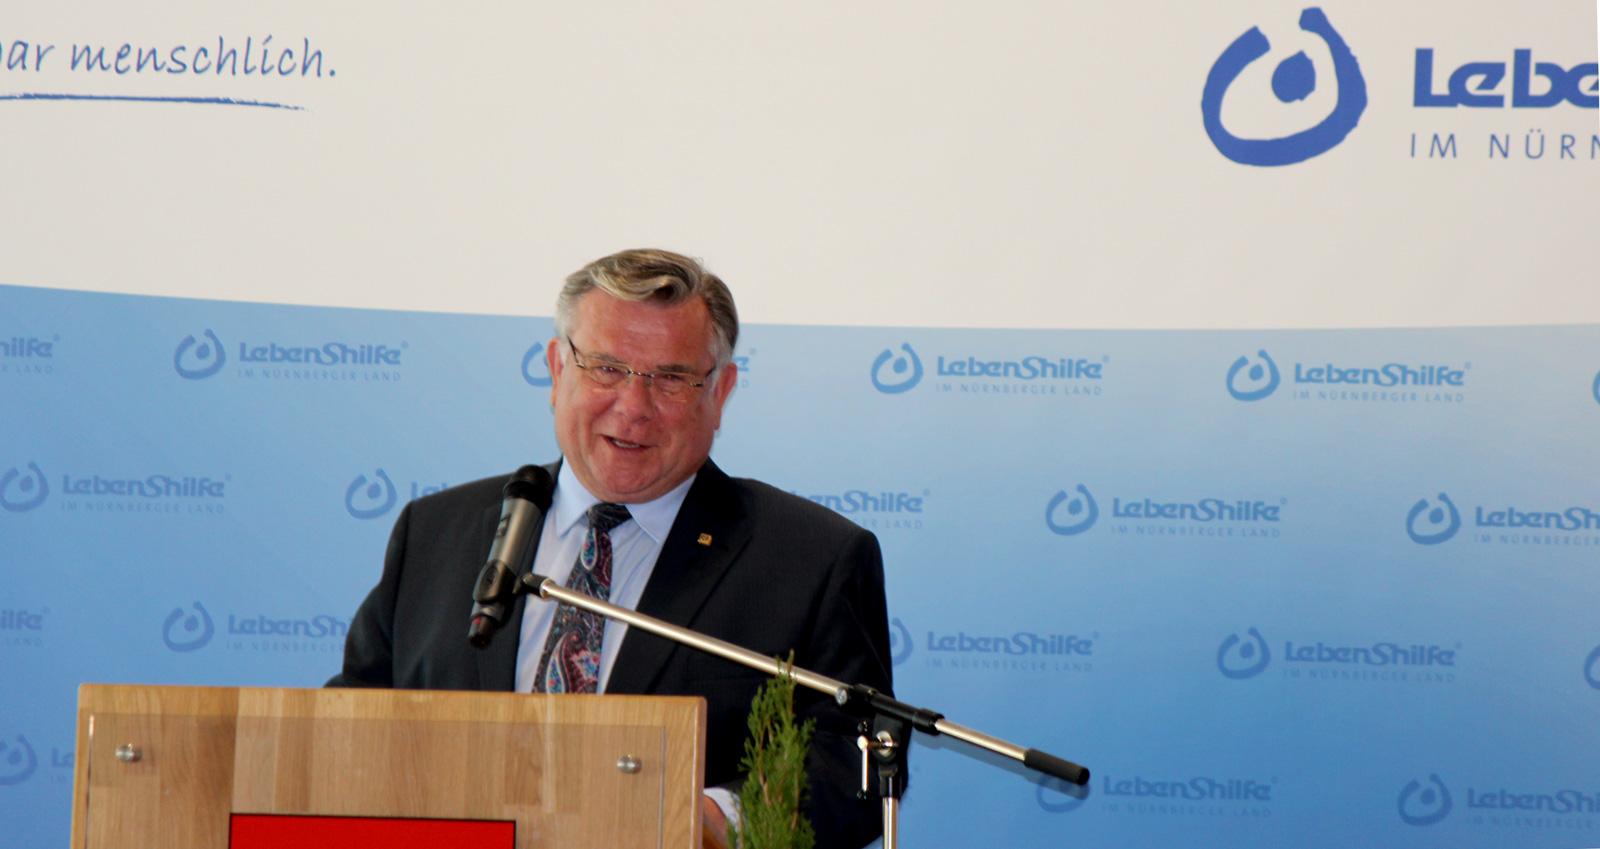 """Fördern, fördern, fördern"""" – das hat sich die Lebenshilfe Nürnberger Land auf die Fahnen geschrieben. Dies machte Vorsitzender Gerhard John beim Jahresempfang deutlich, der geprägt war vom 25-jährigen Jubiläum der inklusiven Kindertagesstätte in der Hersb"""